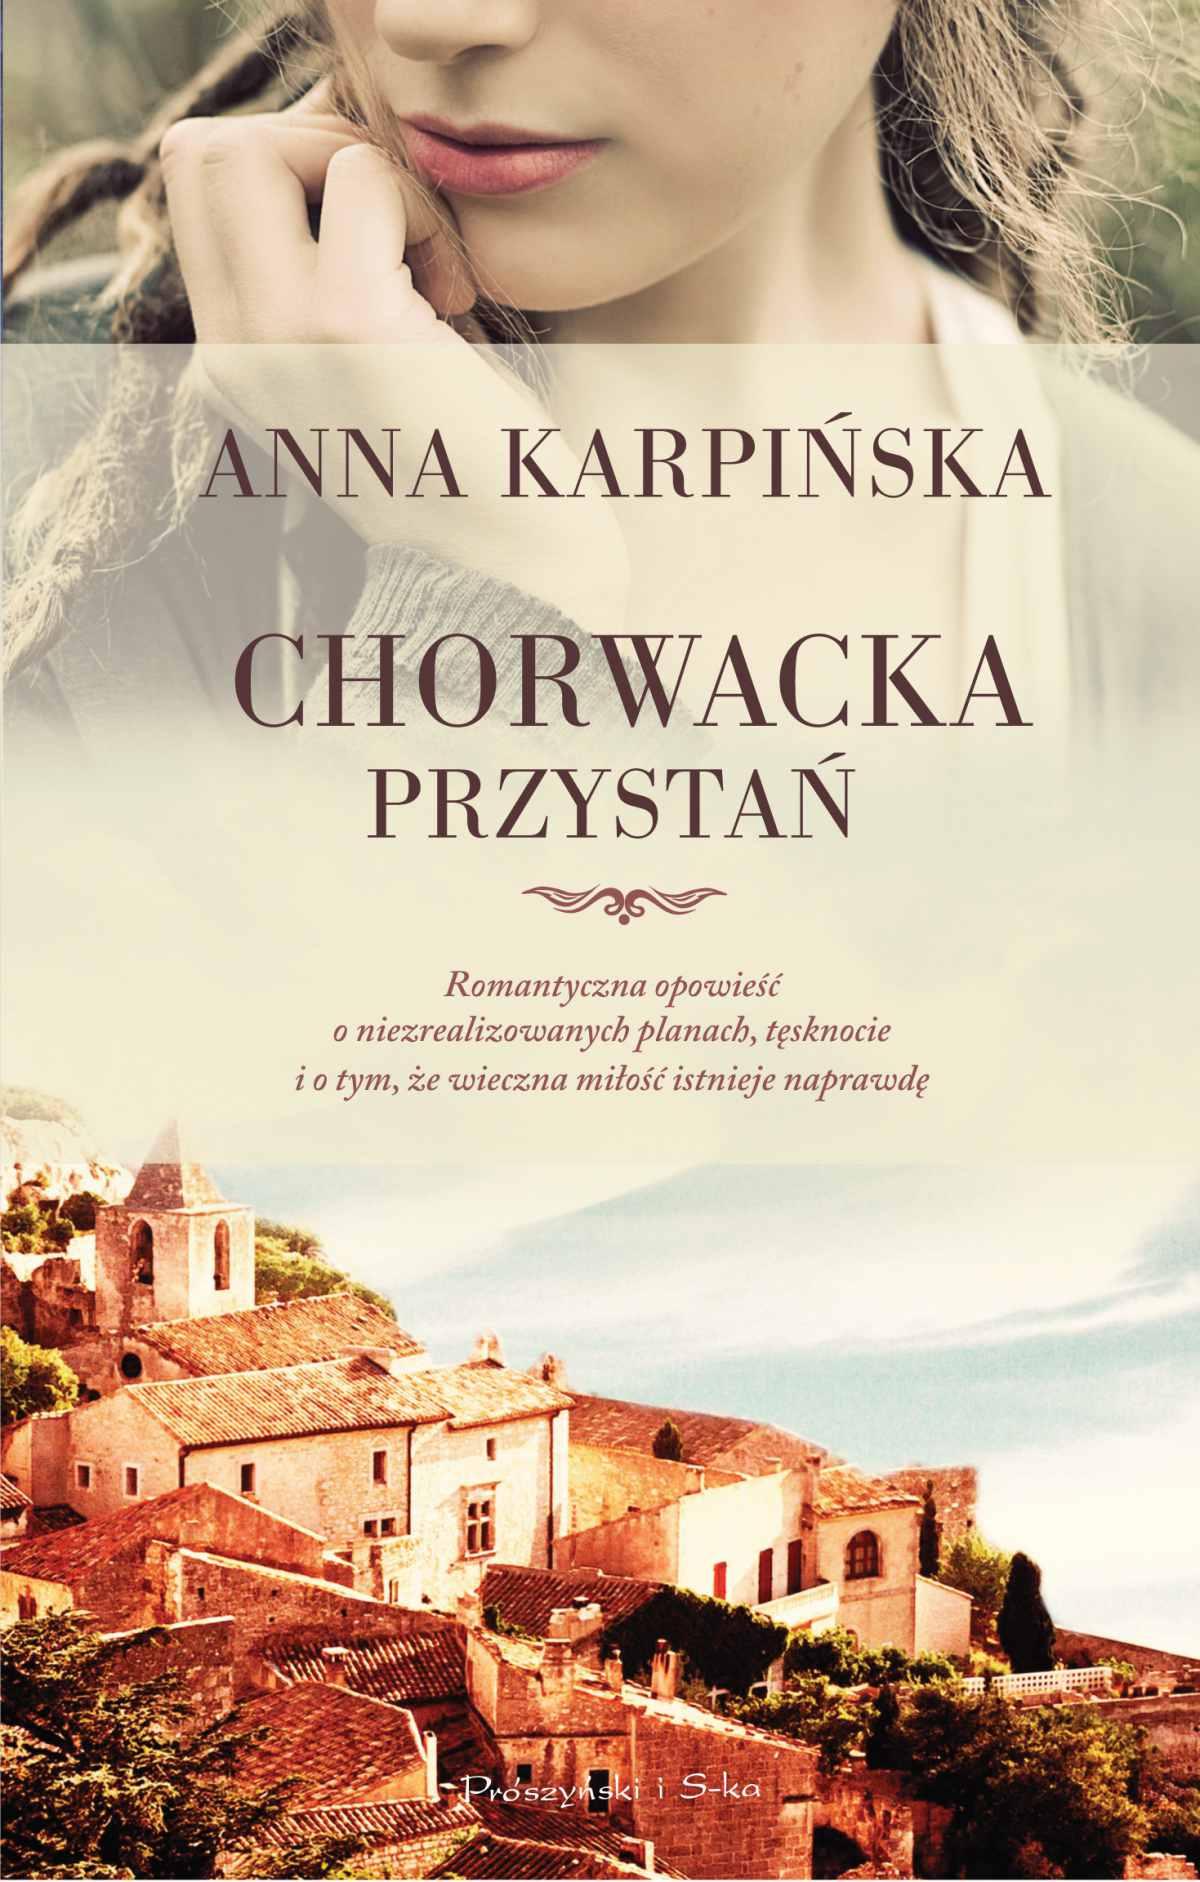 Chorwacka przystań - Ebook (Książka na Kindle) do pobrania w formacie MOBI